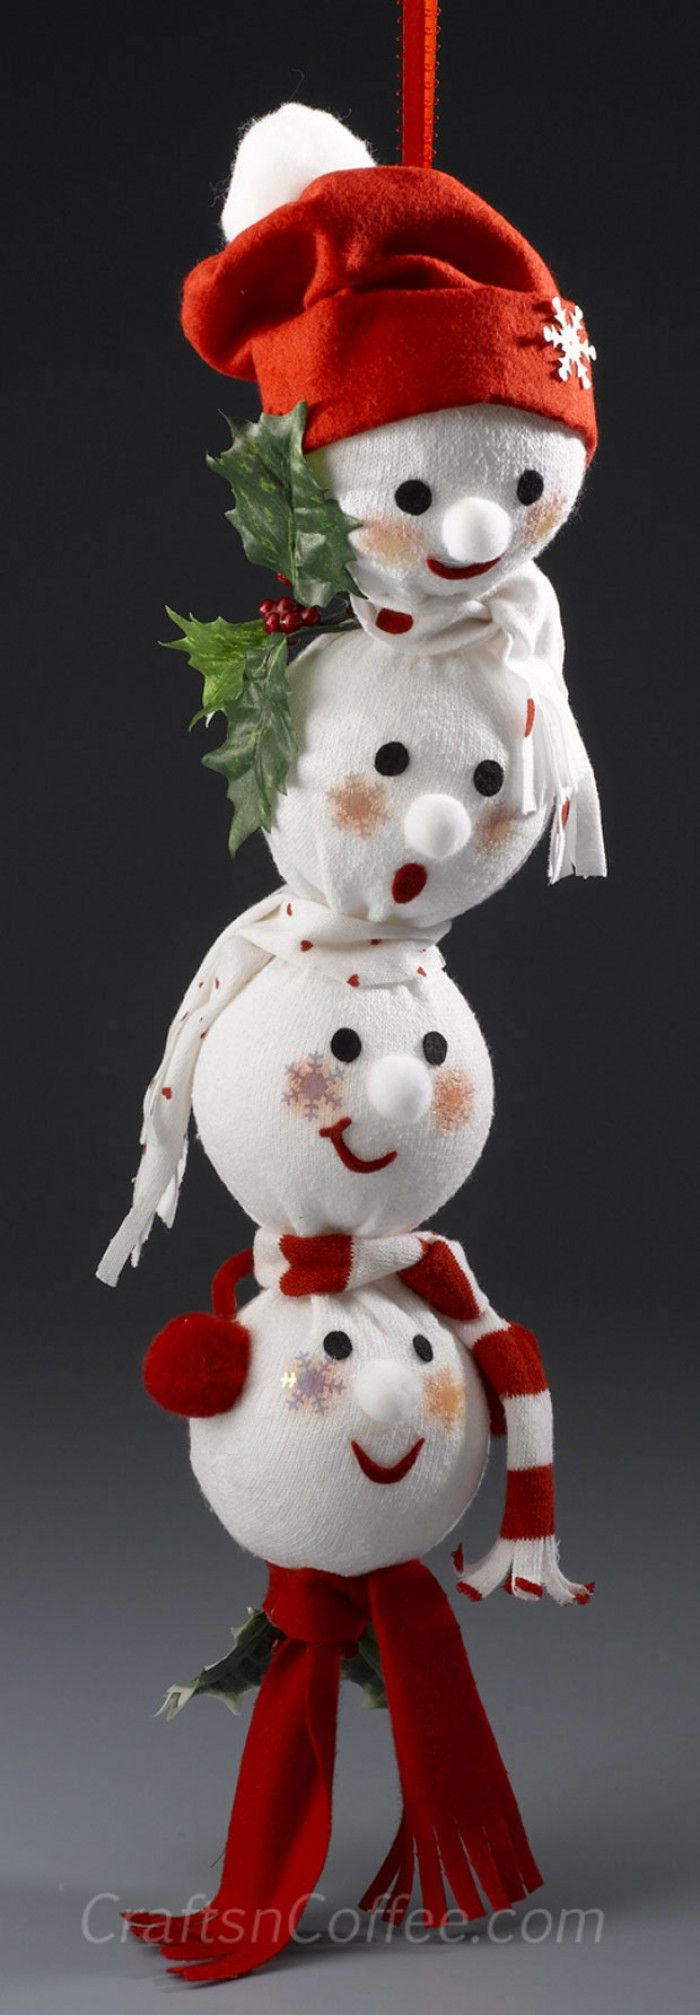 Sneeuwpopjes gemaakt van een sok!